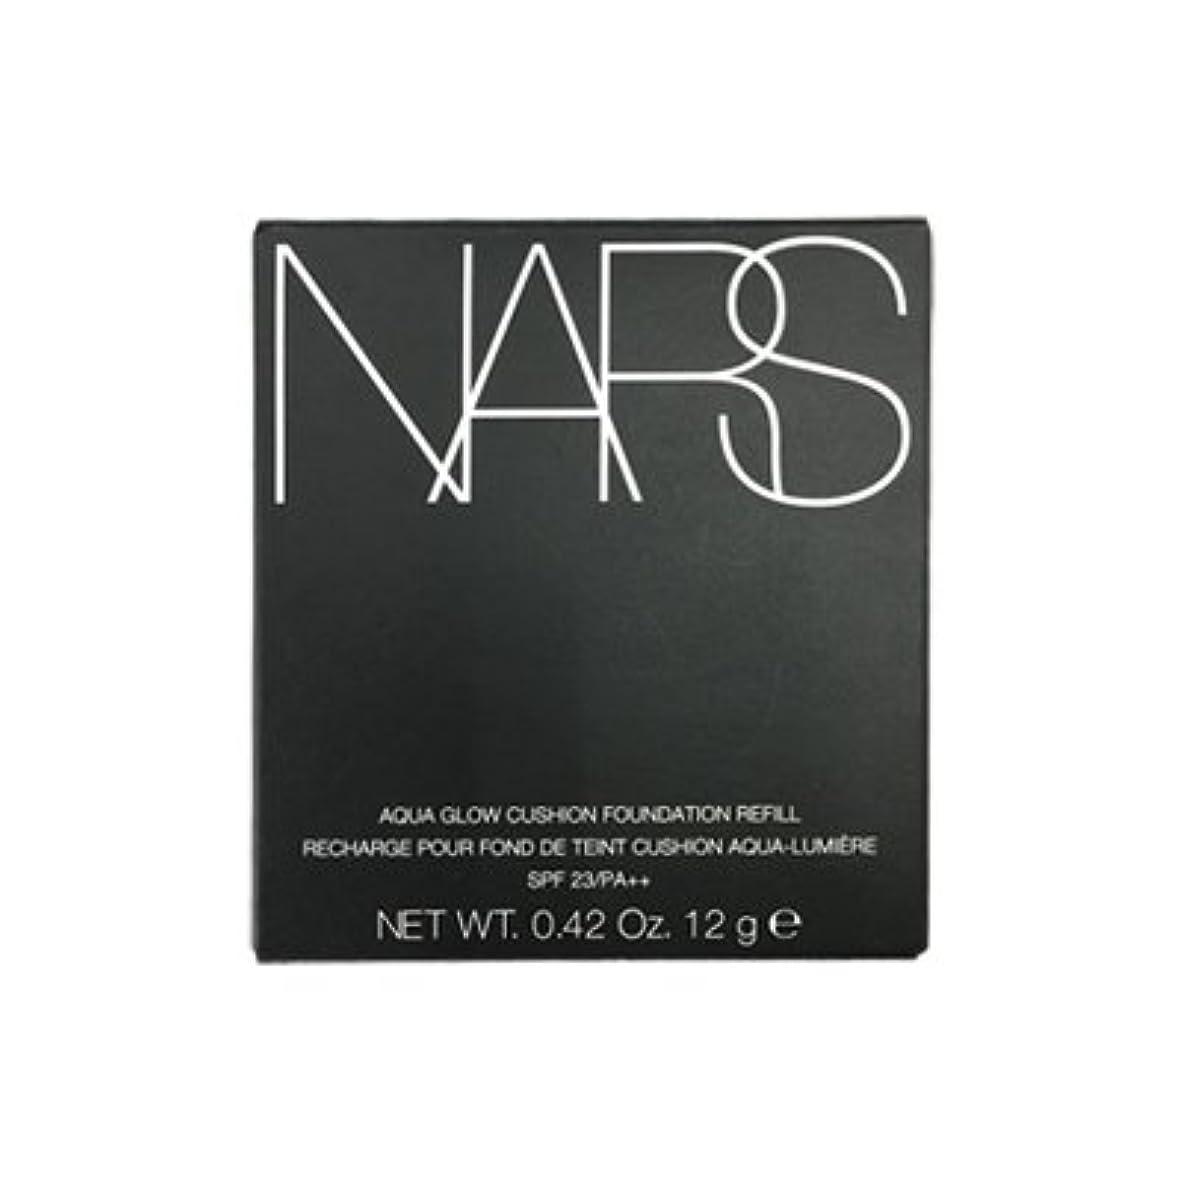 に対応する甥アクセスできないNARS アクアティックグロー クッションコンパクト (レフィル) SPF23/PA++ #6800 [並行輸入品]